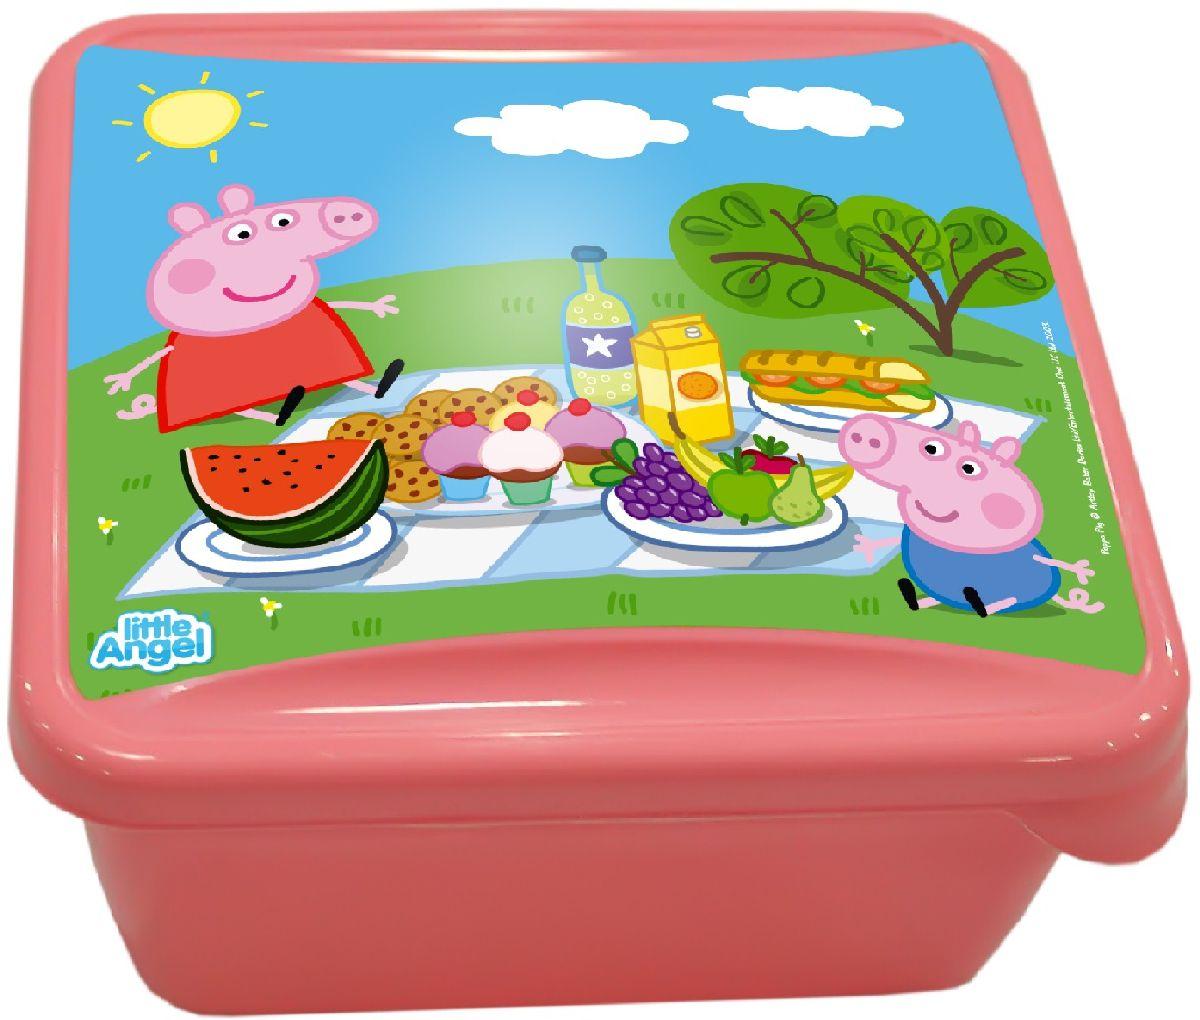 Ланч-бокс Little Angel Mini. Свинка Пеппа, цвет: розовый, 0,45 лLA1055RSНаш универсальный ланч-бокс можно использовать как для хранения пищи в холодильнике, так и для того, чтобы брать с собой перекус на работу, в школу, на прогулку. Плотная защелка предотвратит ланч-бокс от открывания.